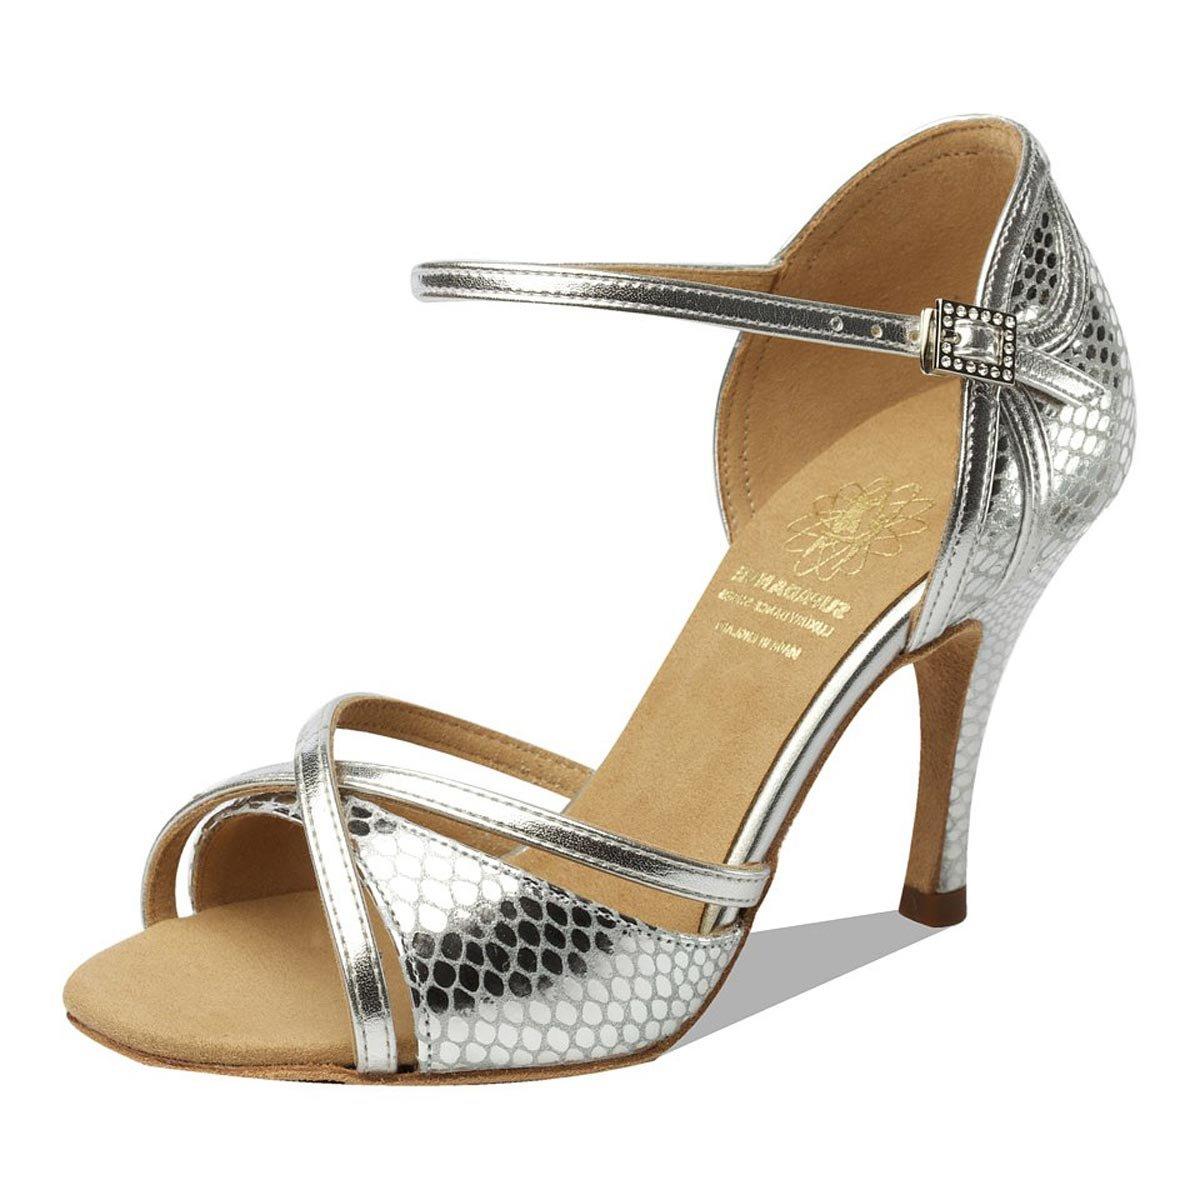 Supadance - Damen Tanzschuhe 1073 - Silber - Normalweite - 3  Stiletto